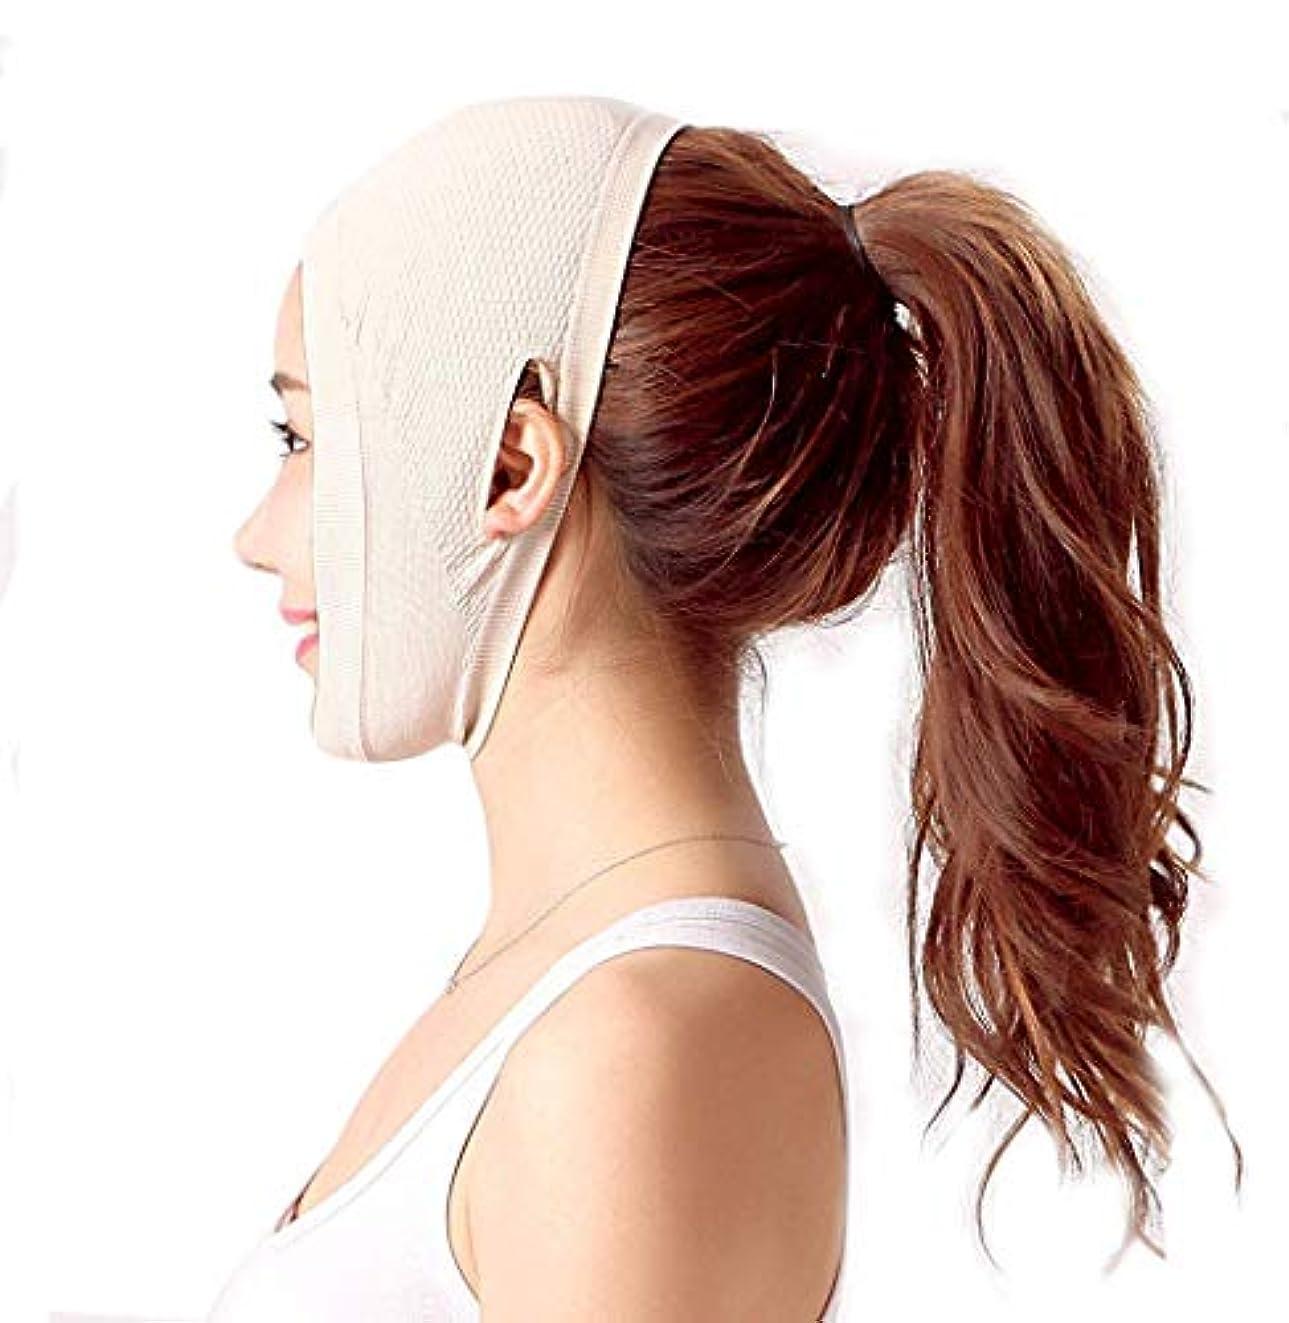 スポークスマンセブン影響V顔リフティング包帯薄いフェイスマスク(色:肌のトーン(A))を眠っている整形手術病院ライン彫刻術後回復ヘッドギア医療マスク